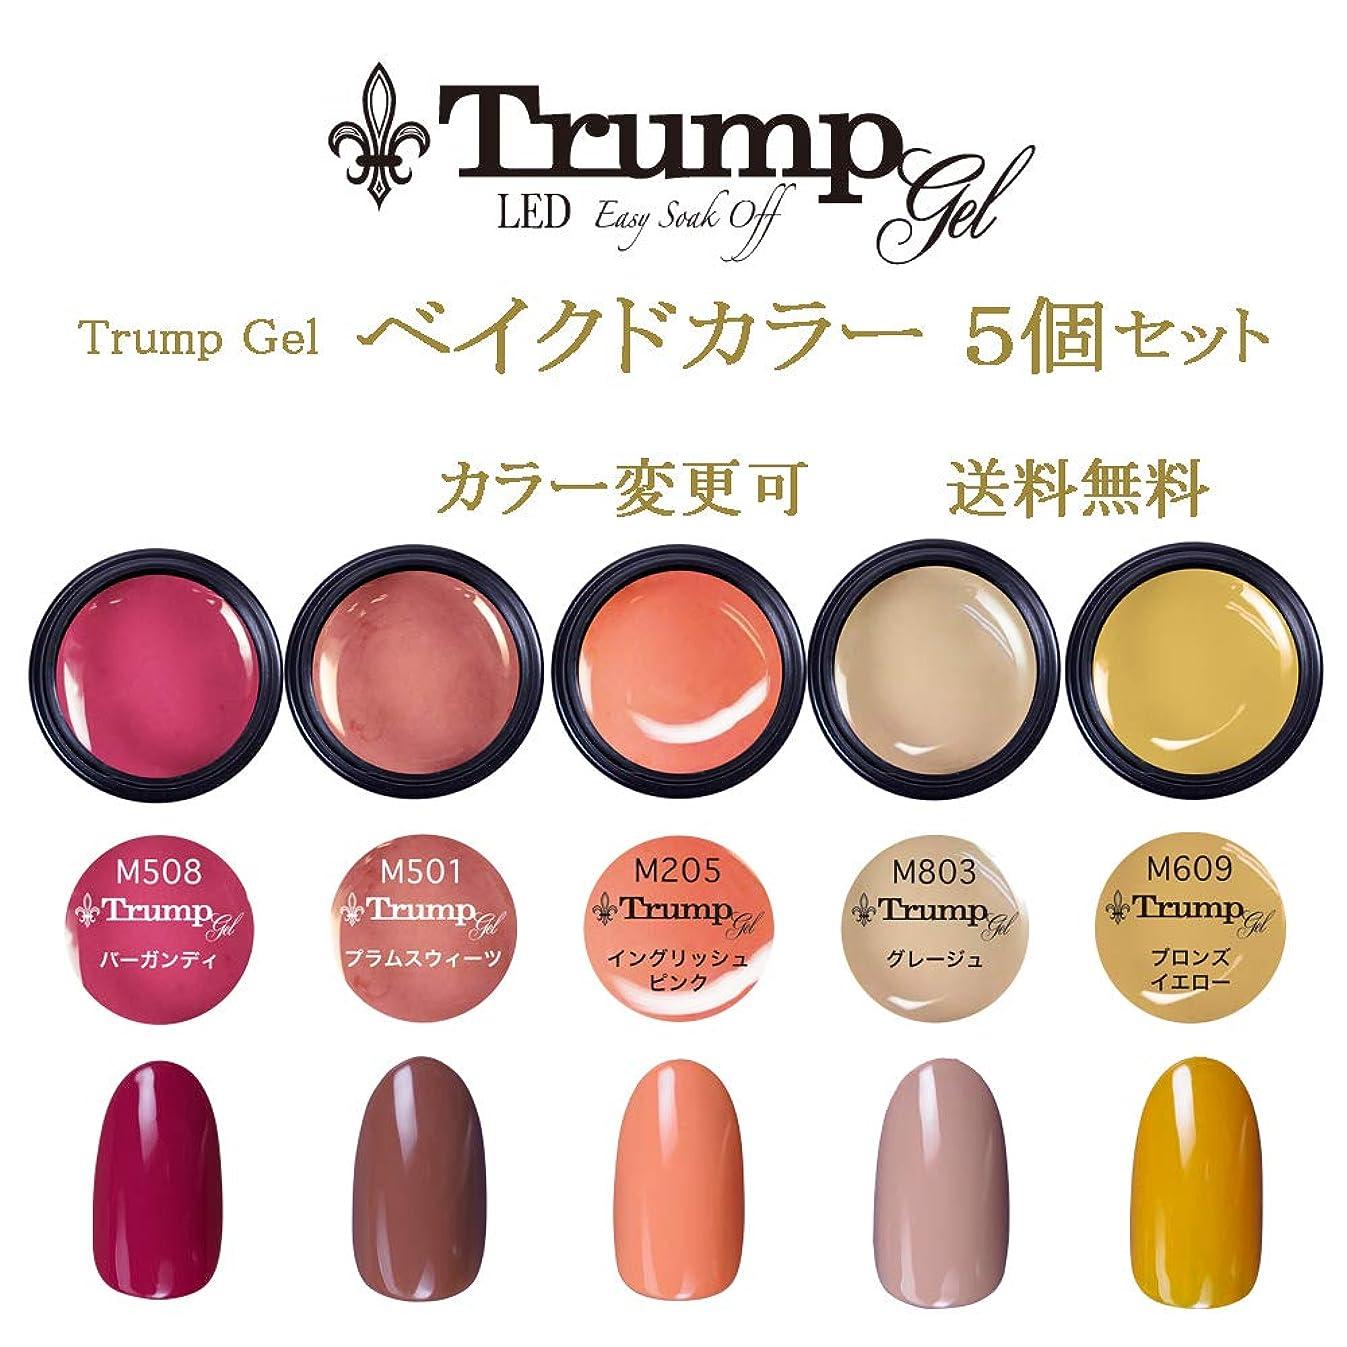 マイクロプロセッサ公然と彼らの【送料無料】日本製 Trump gel トランプジェル ベイクドカラー 選べる カラージェル 5個セット ミルキーネイル ベージュ オレンジ カラー